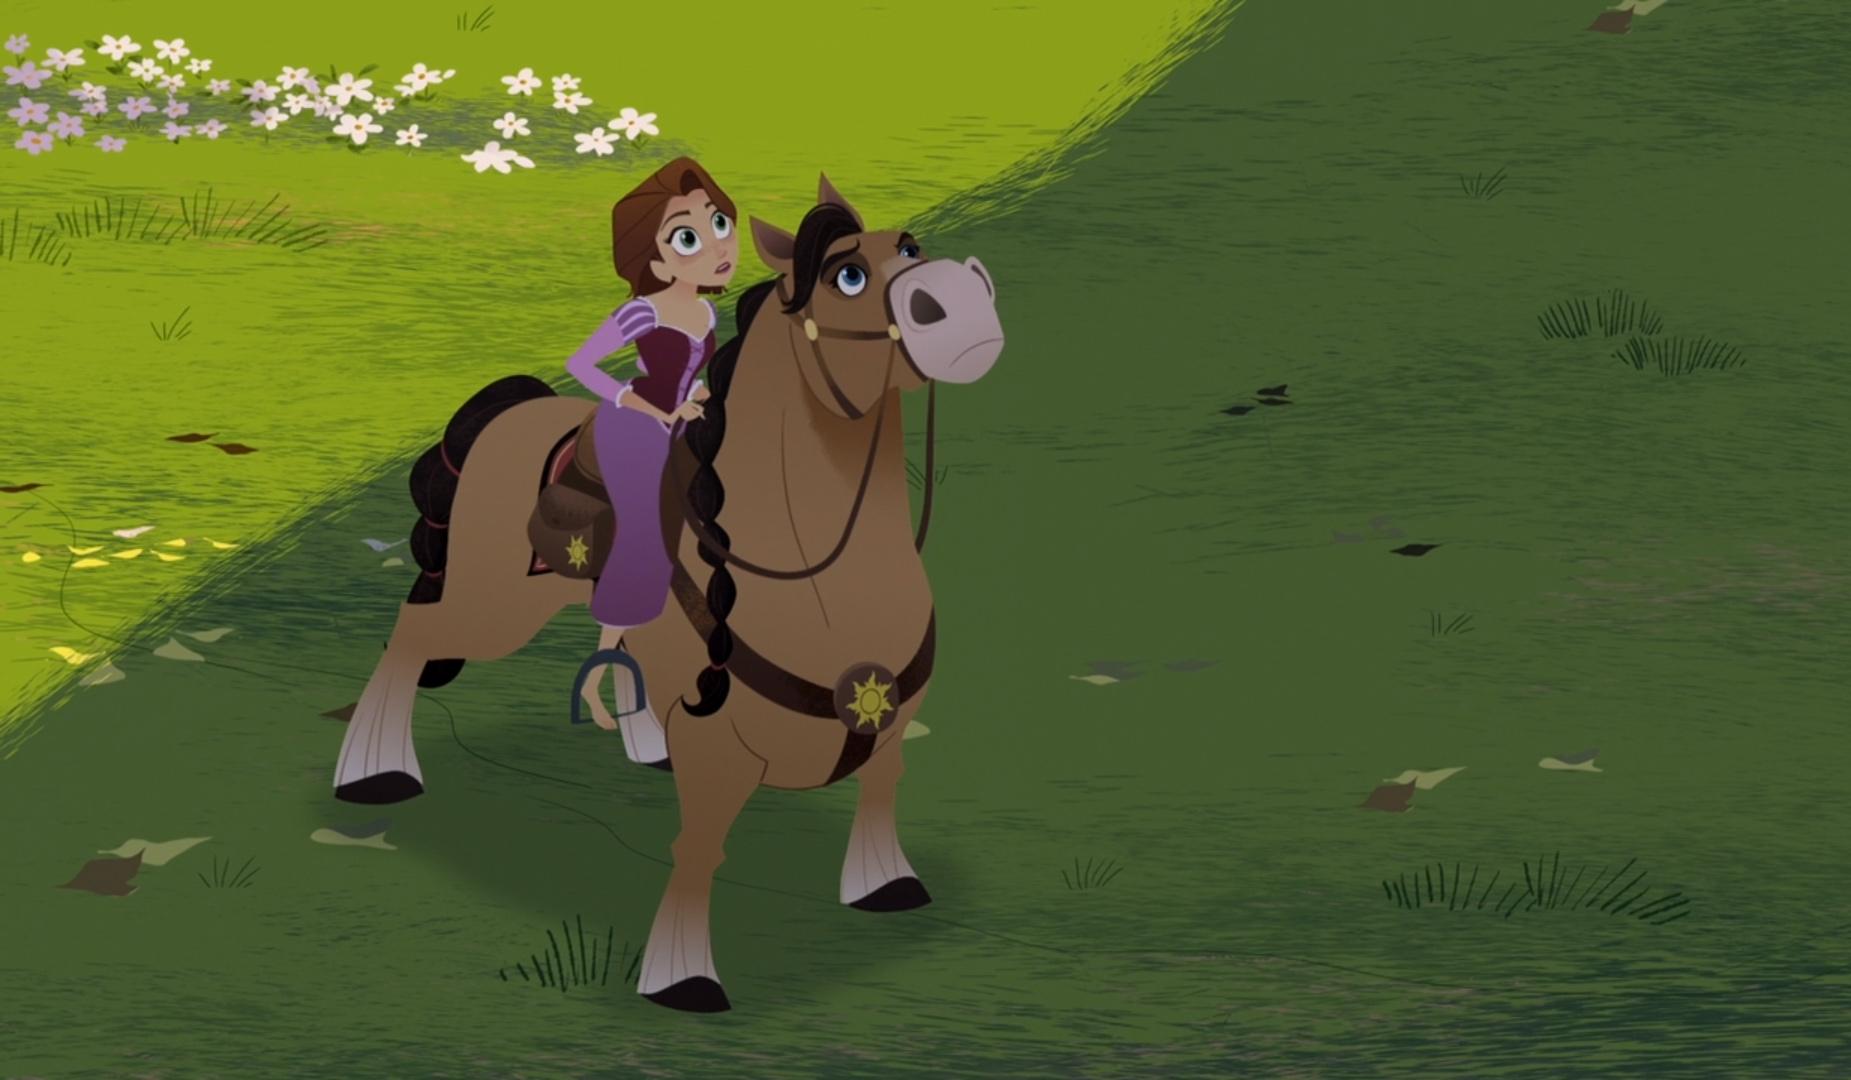 Rapunzel on a horse illustration.